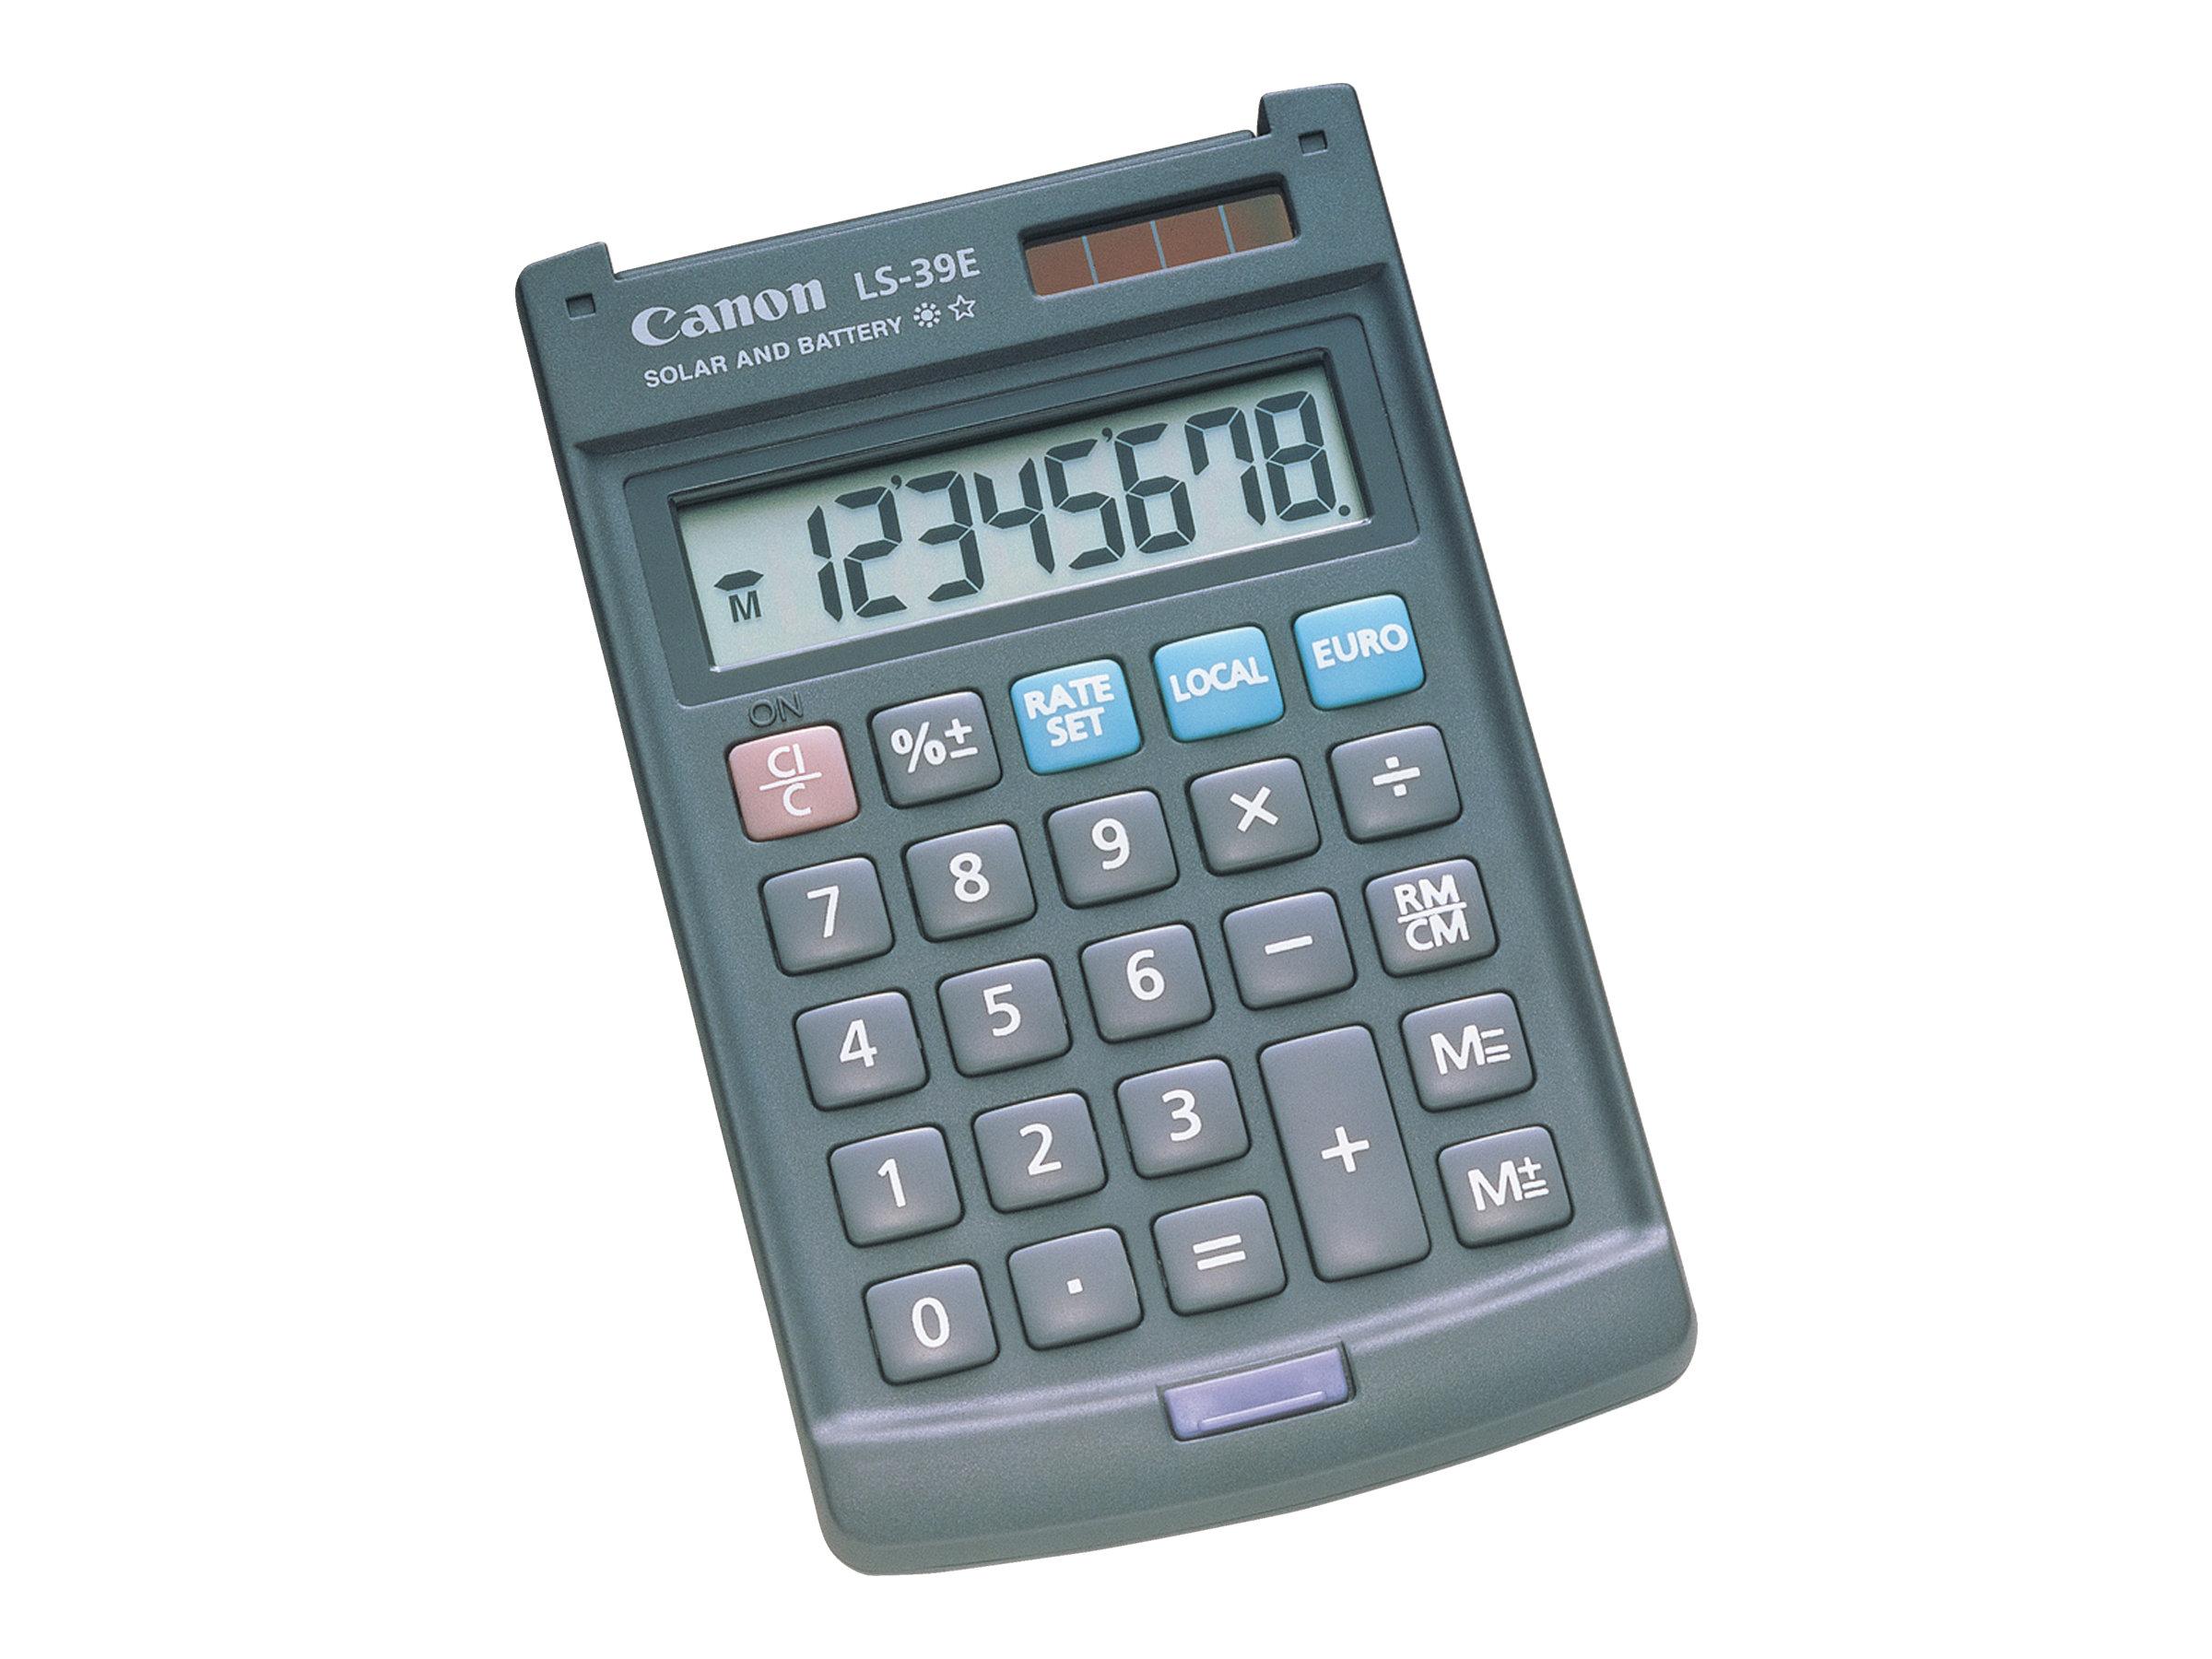 Canon LS-39E - Taschenrechner - 8 Stellen - Solarpanel, Batterie - Dunkelgrau